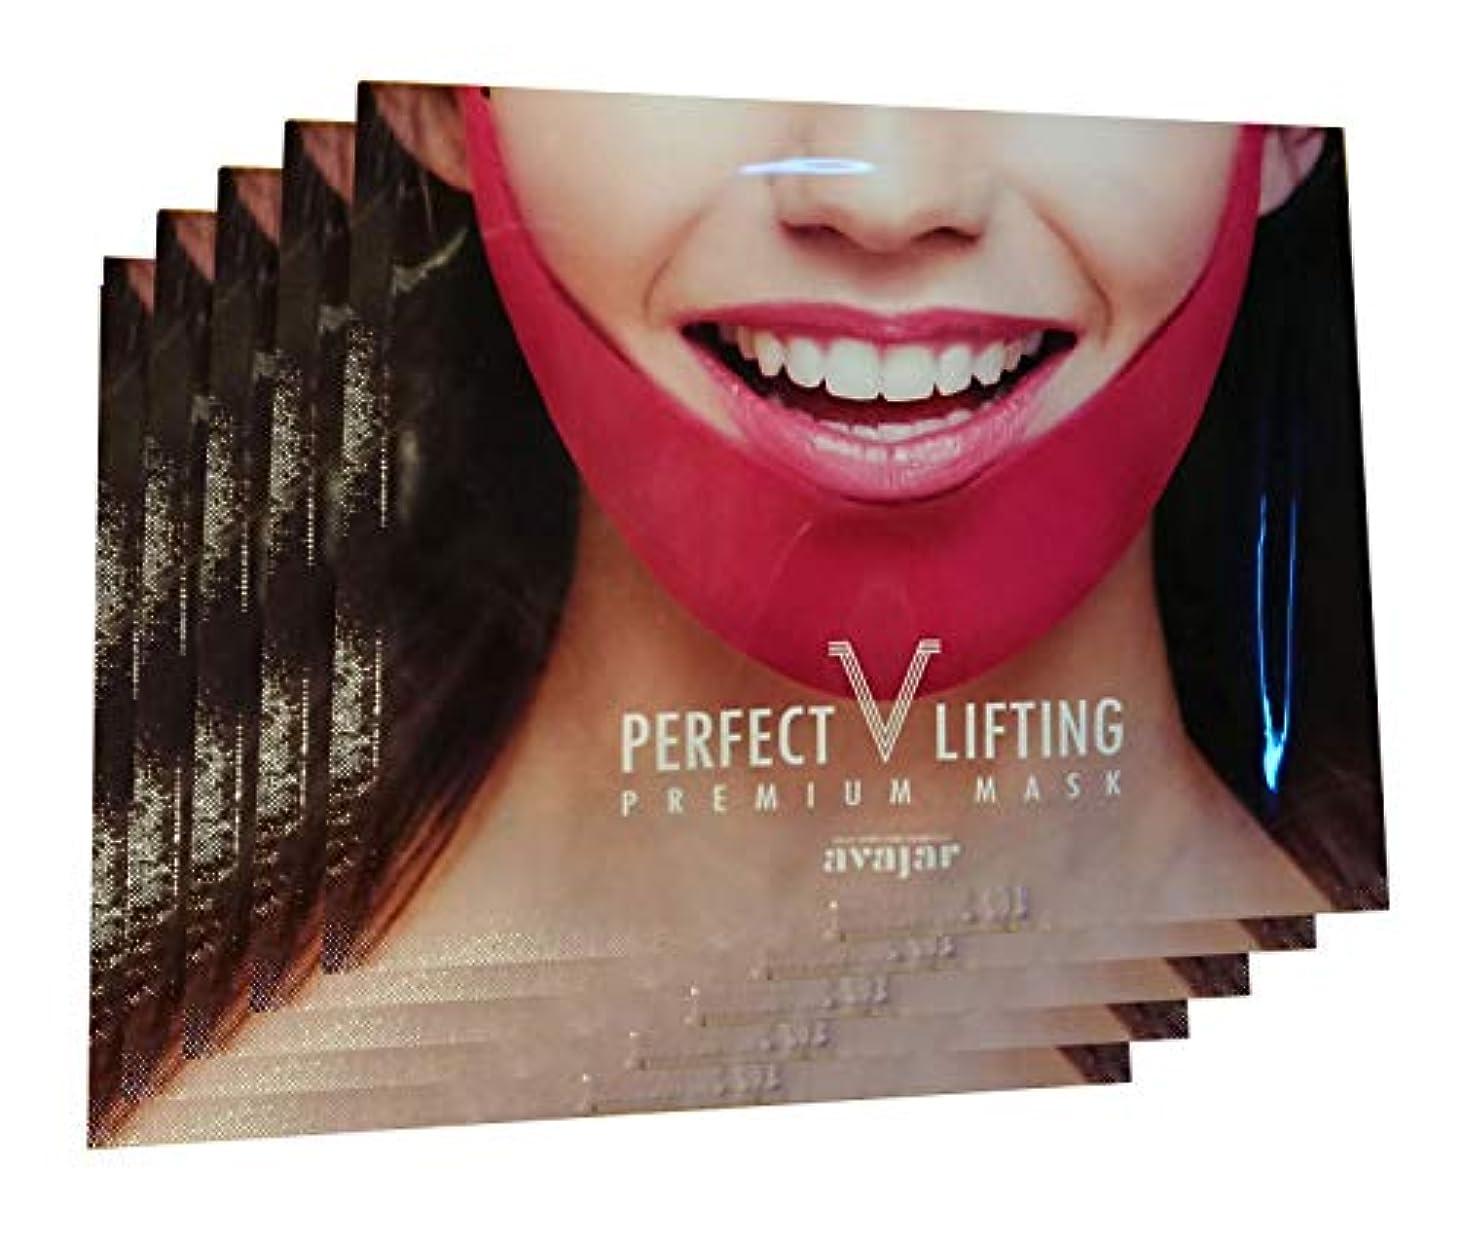 ブリリアント課税震えるAvajar 小顔効果と顎ラインを取り戻す! パーフェクトVリフティング 1パック